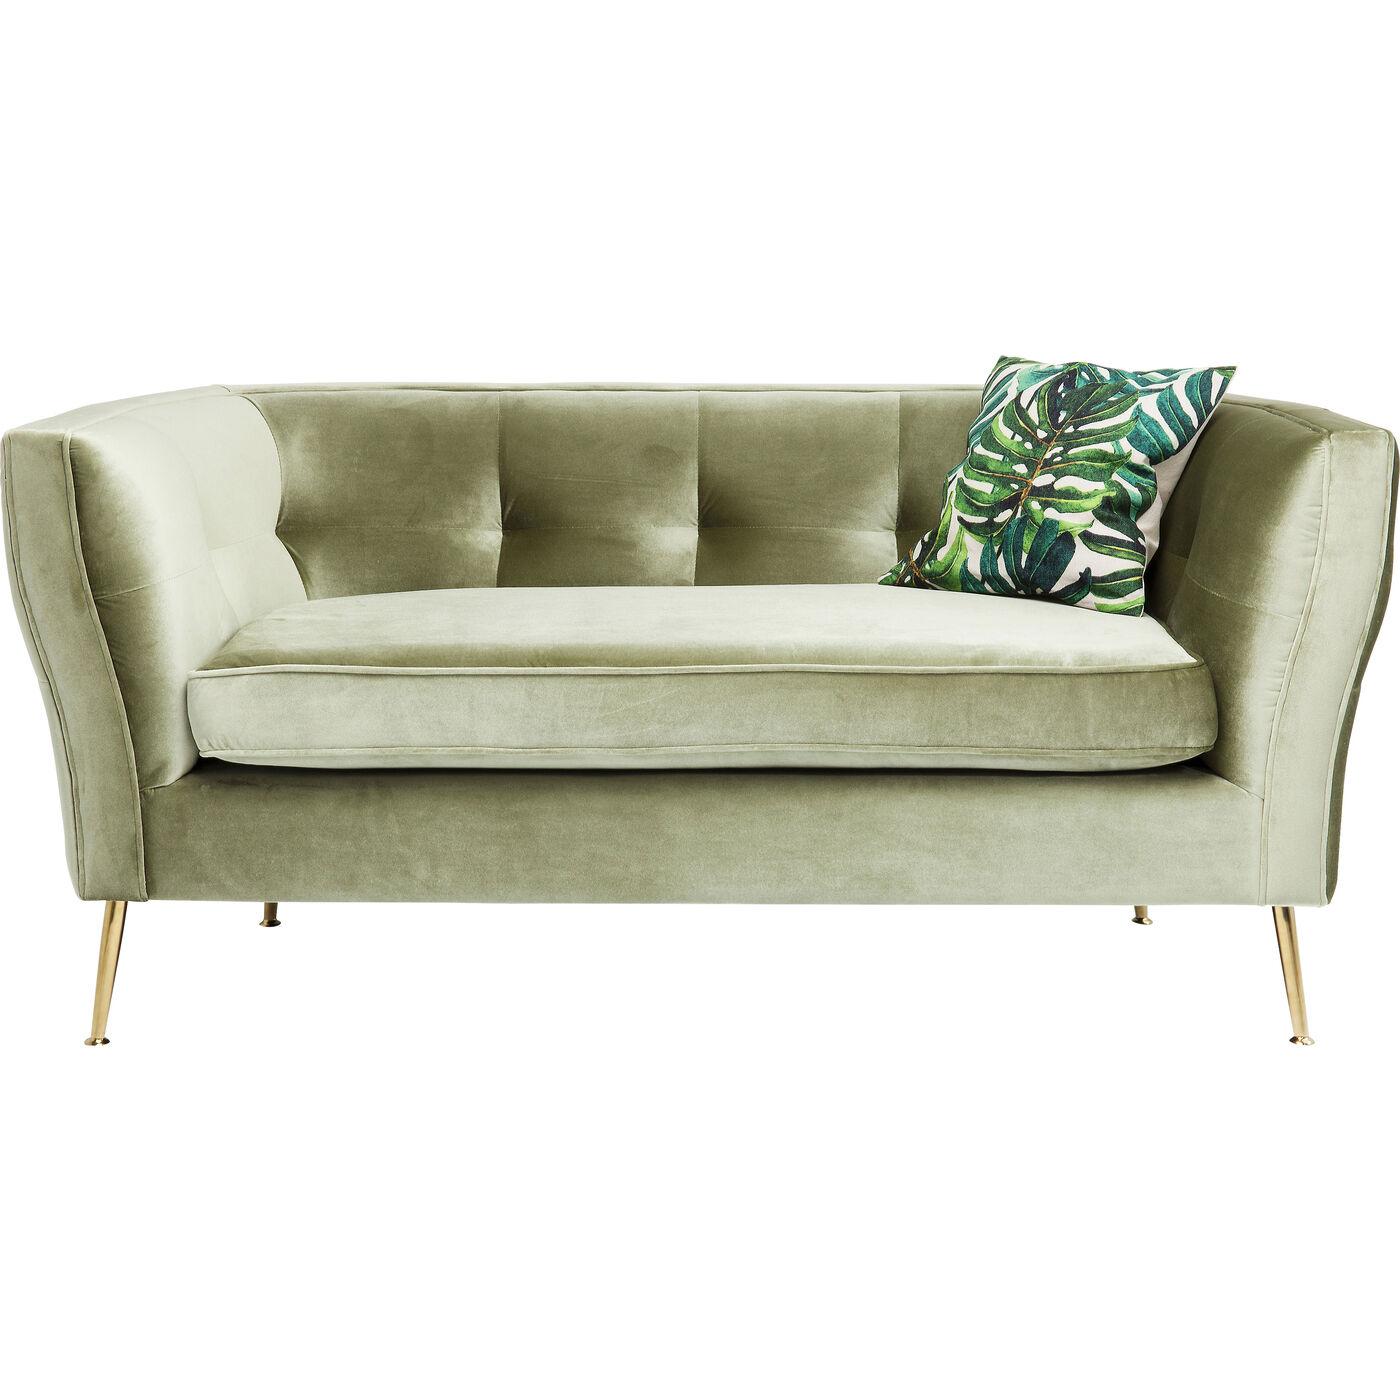 Sofa Rimini Green 2-Sitzer 170cm